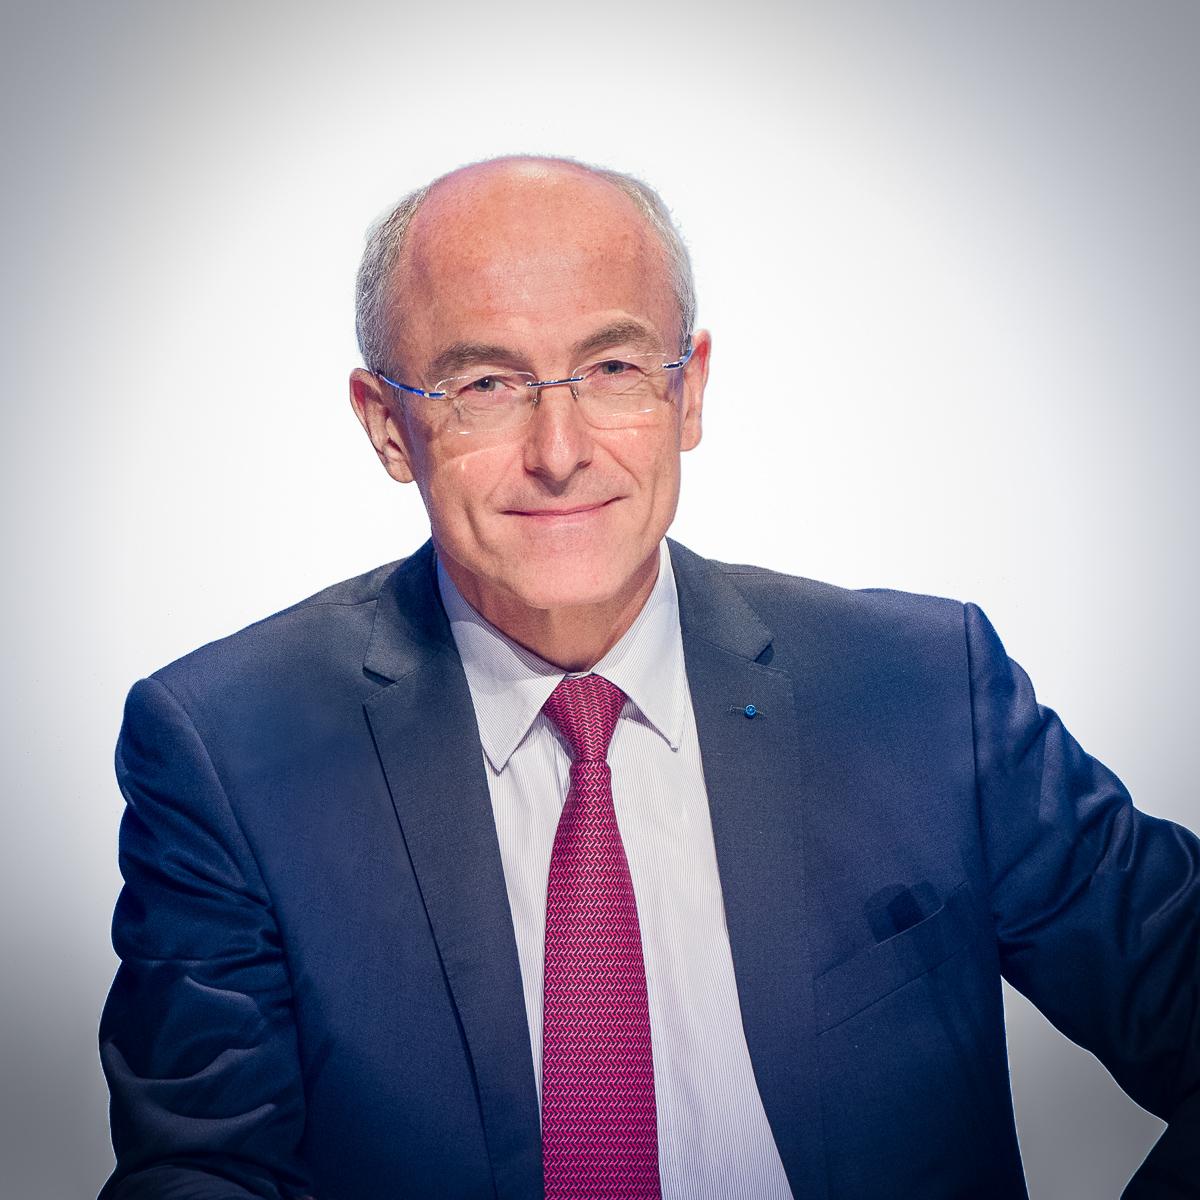 Portraits de dirigeants d'entreprises, portraits corporate.